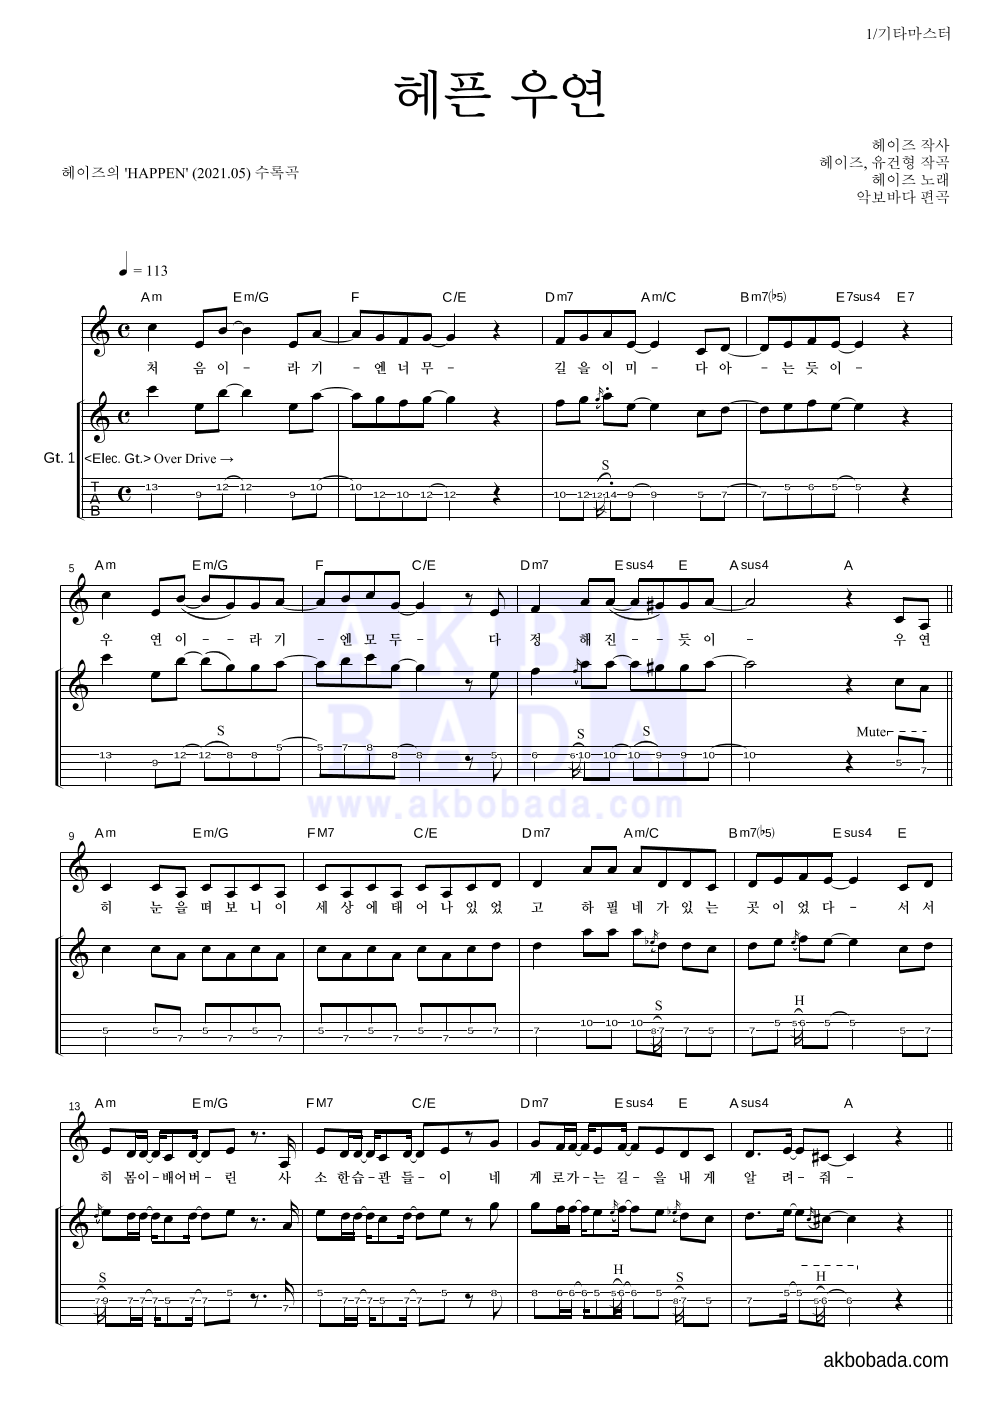 헤이즈 - 헤픈 우연 기타 마스터 악보